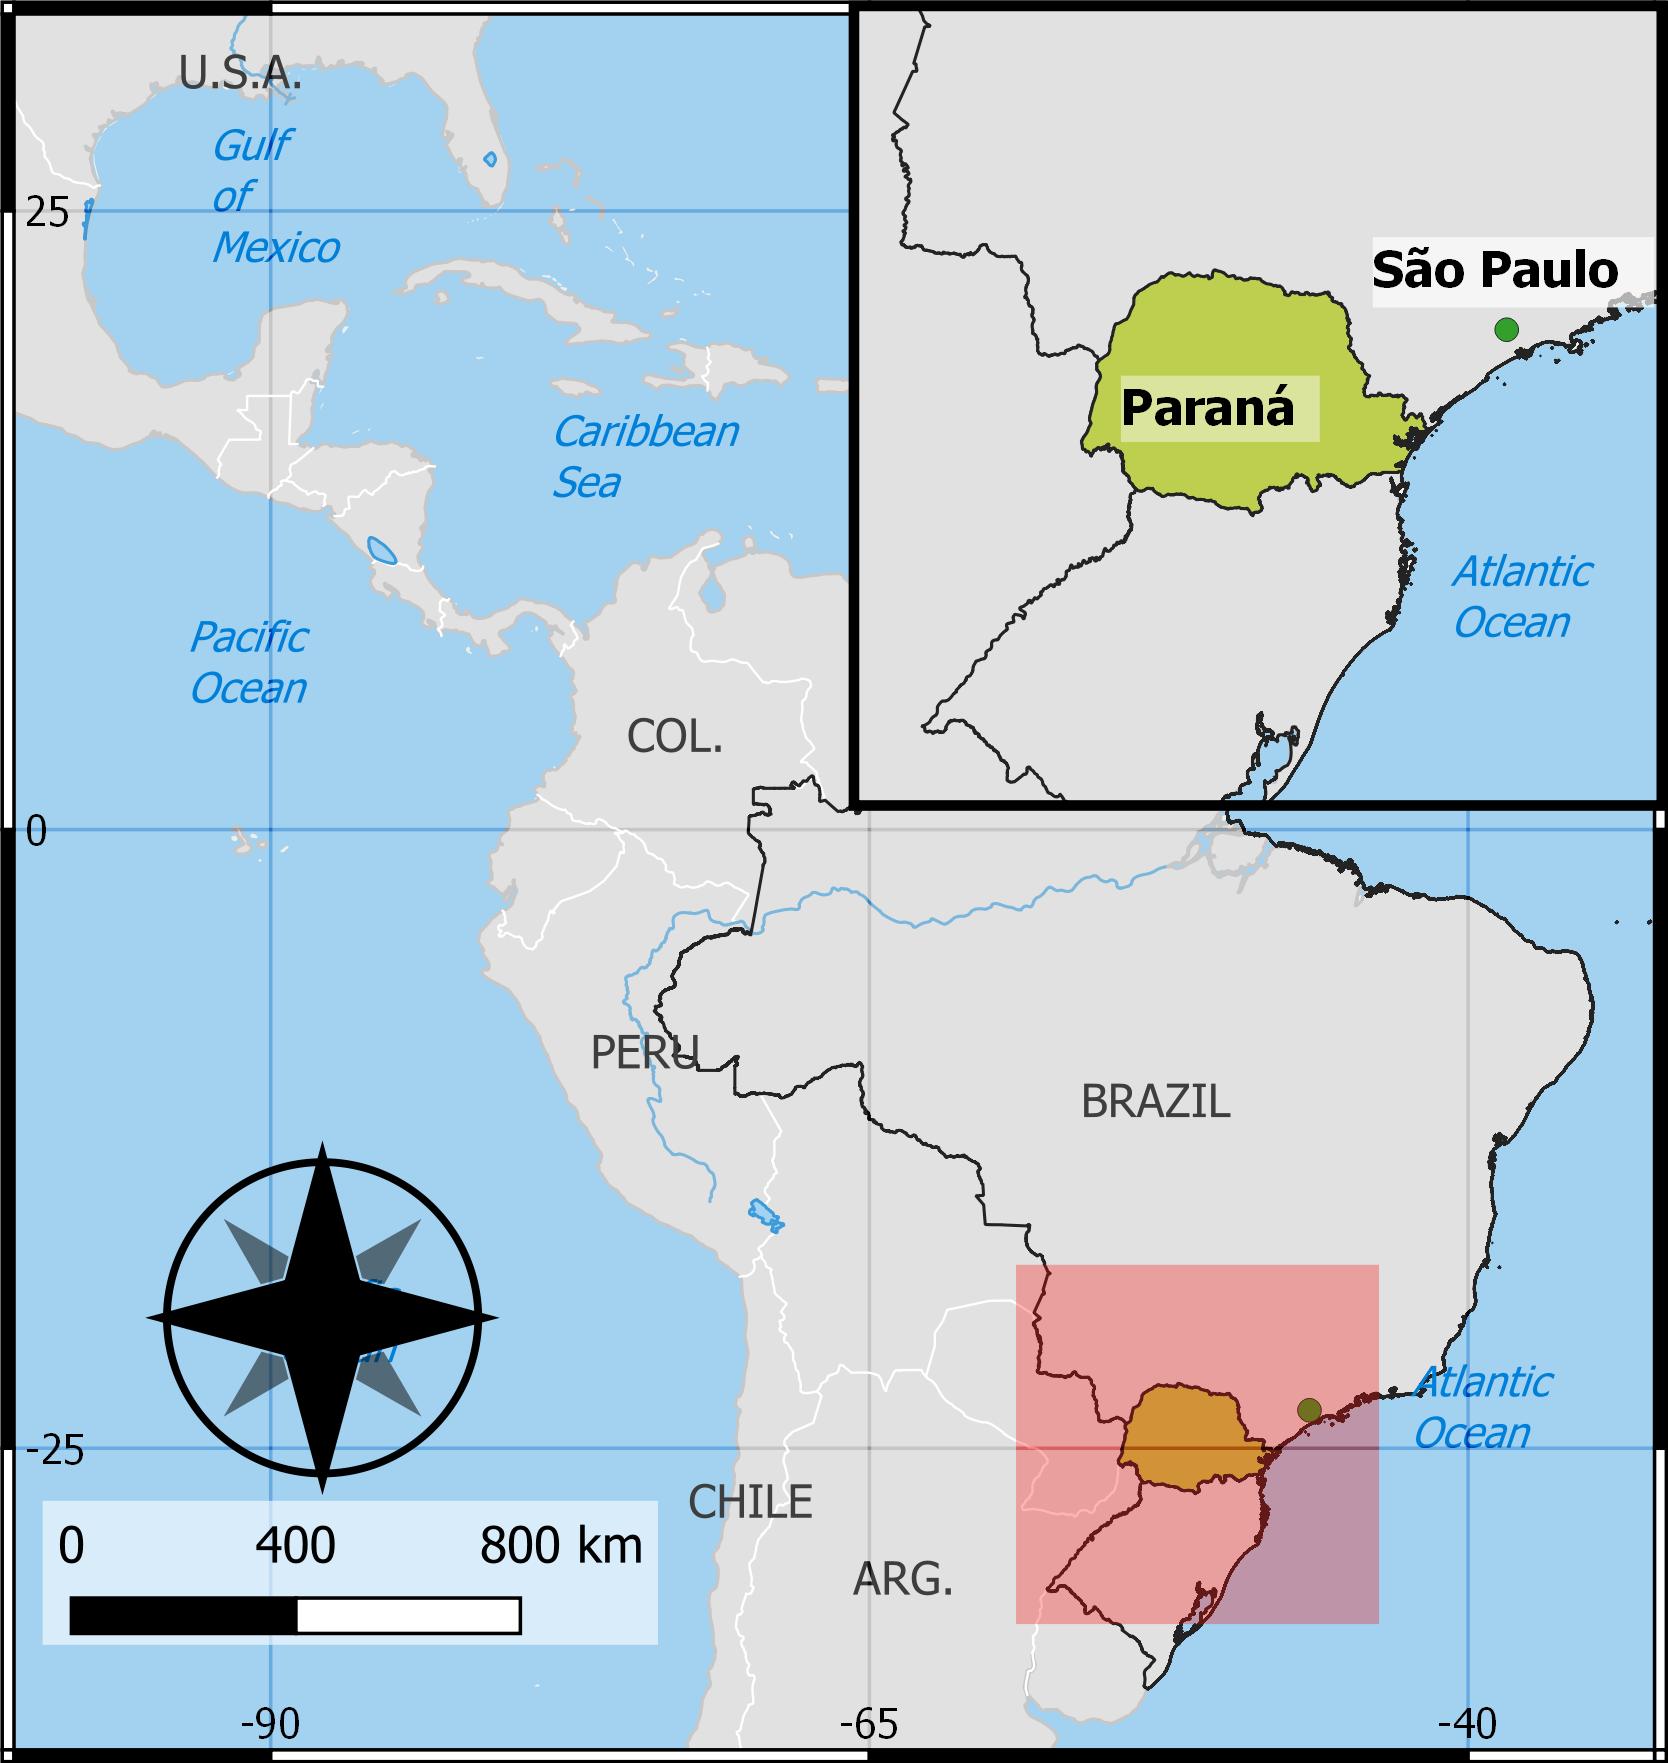 Adriana Alves parana map 3